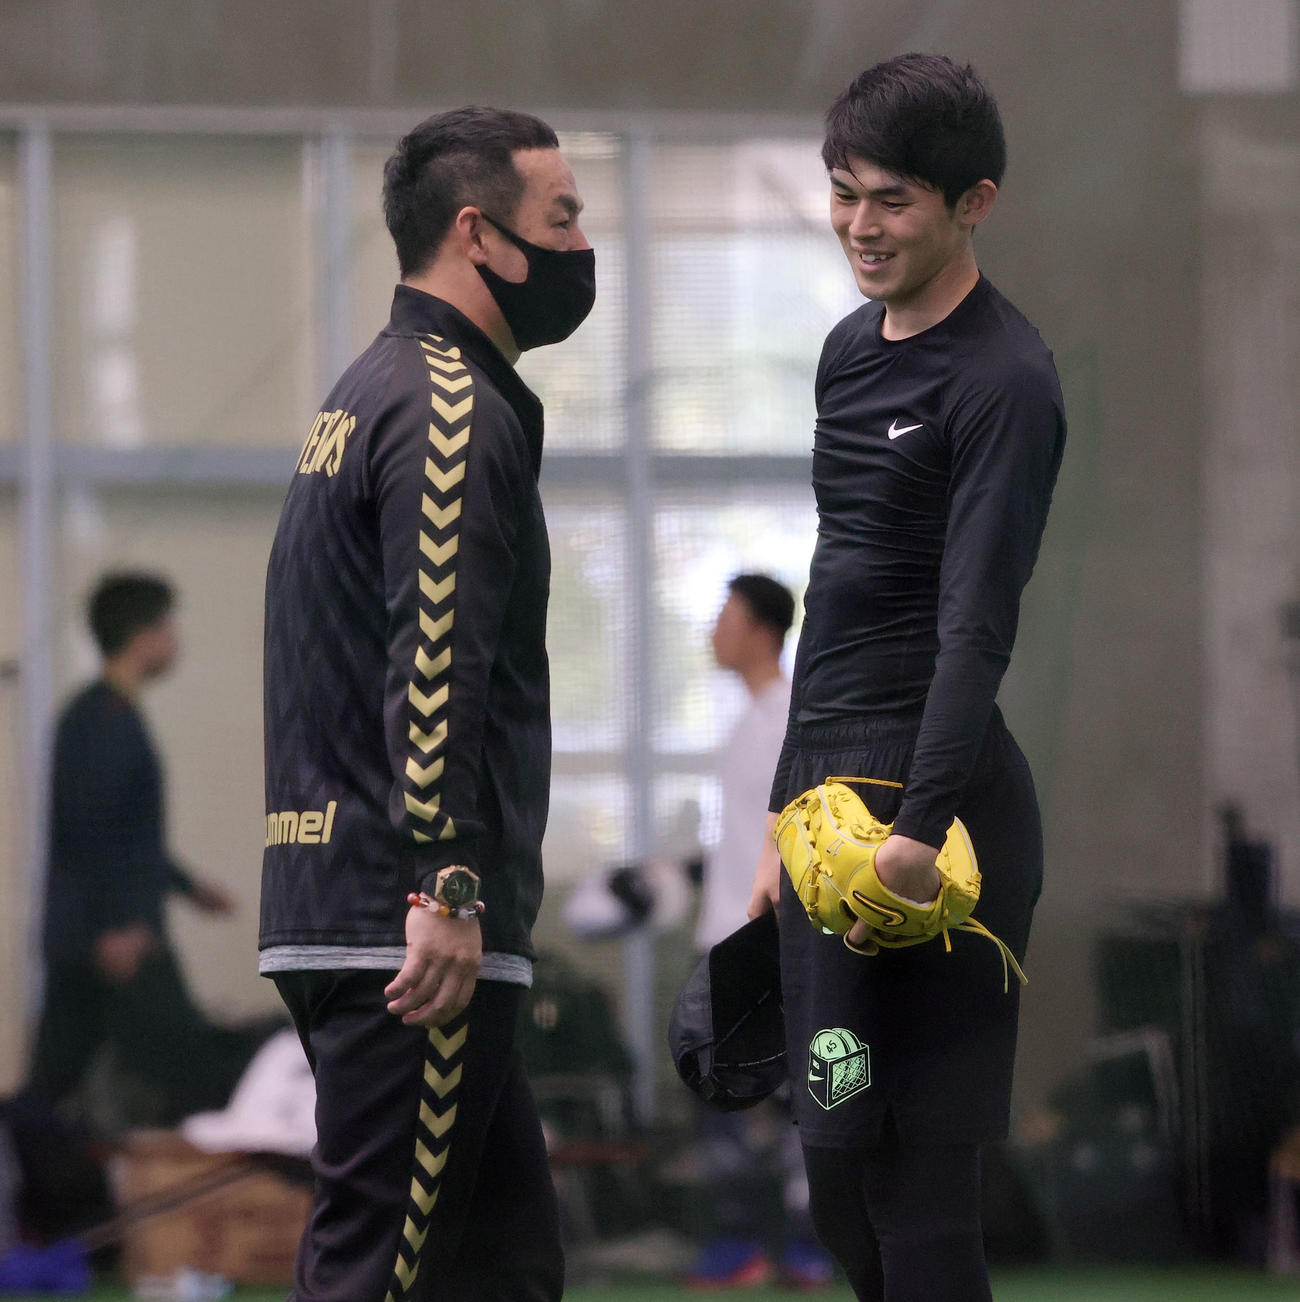 練習の合間、ロッテ松中臨時コーチ(左)と談笑する佐々木朗(撮影・垰建太)